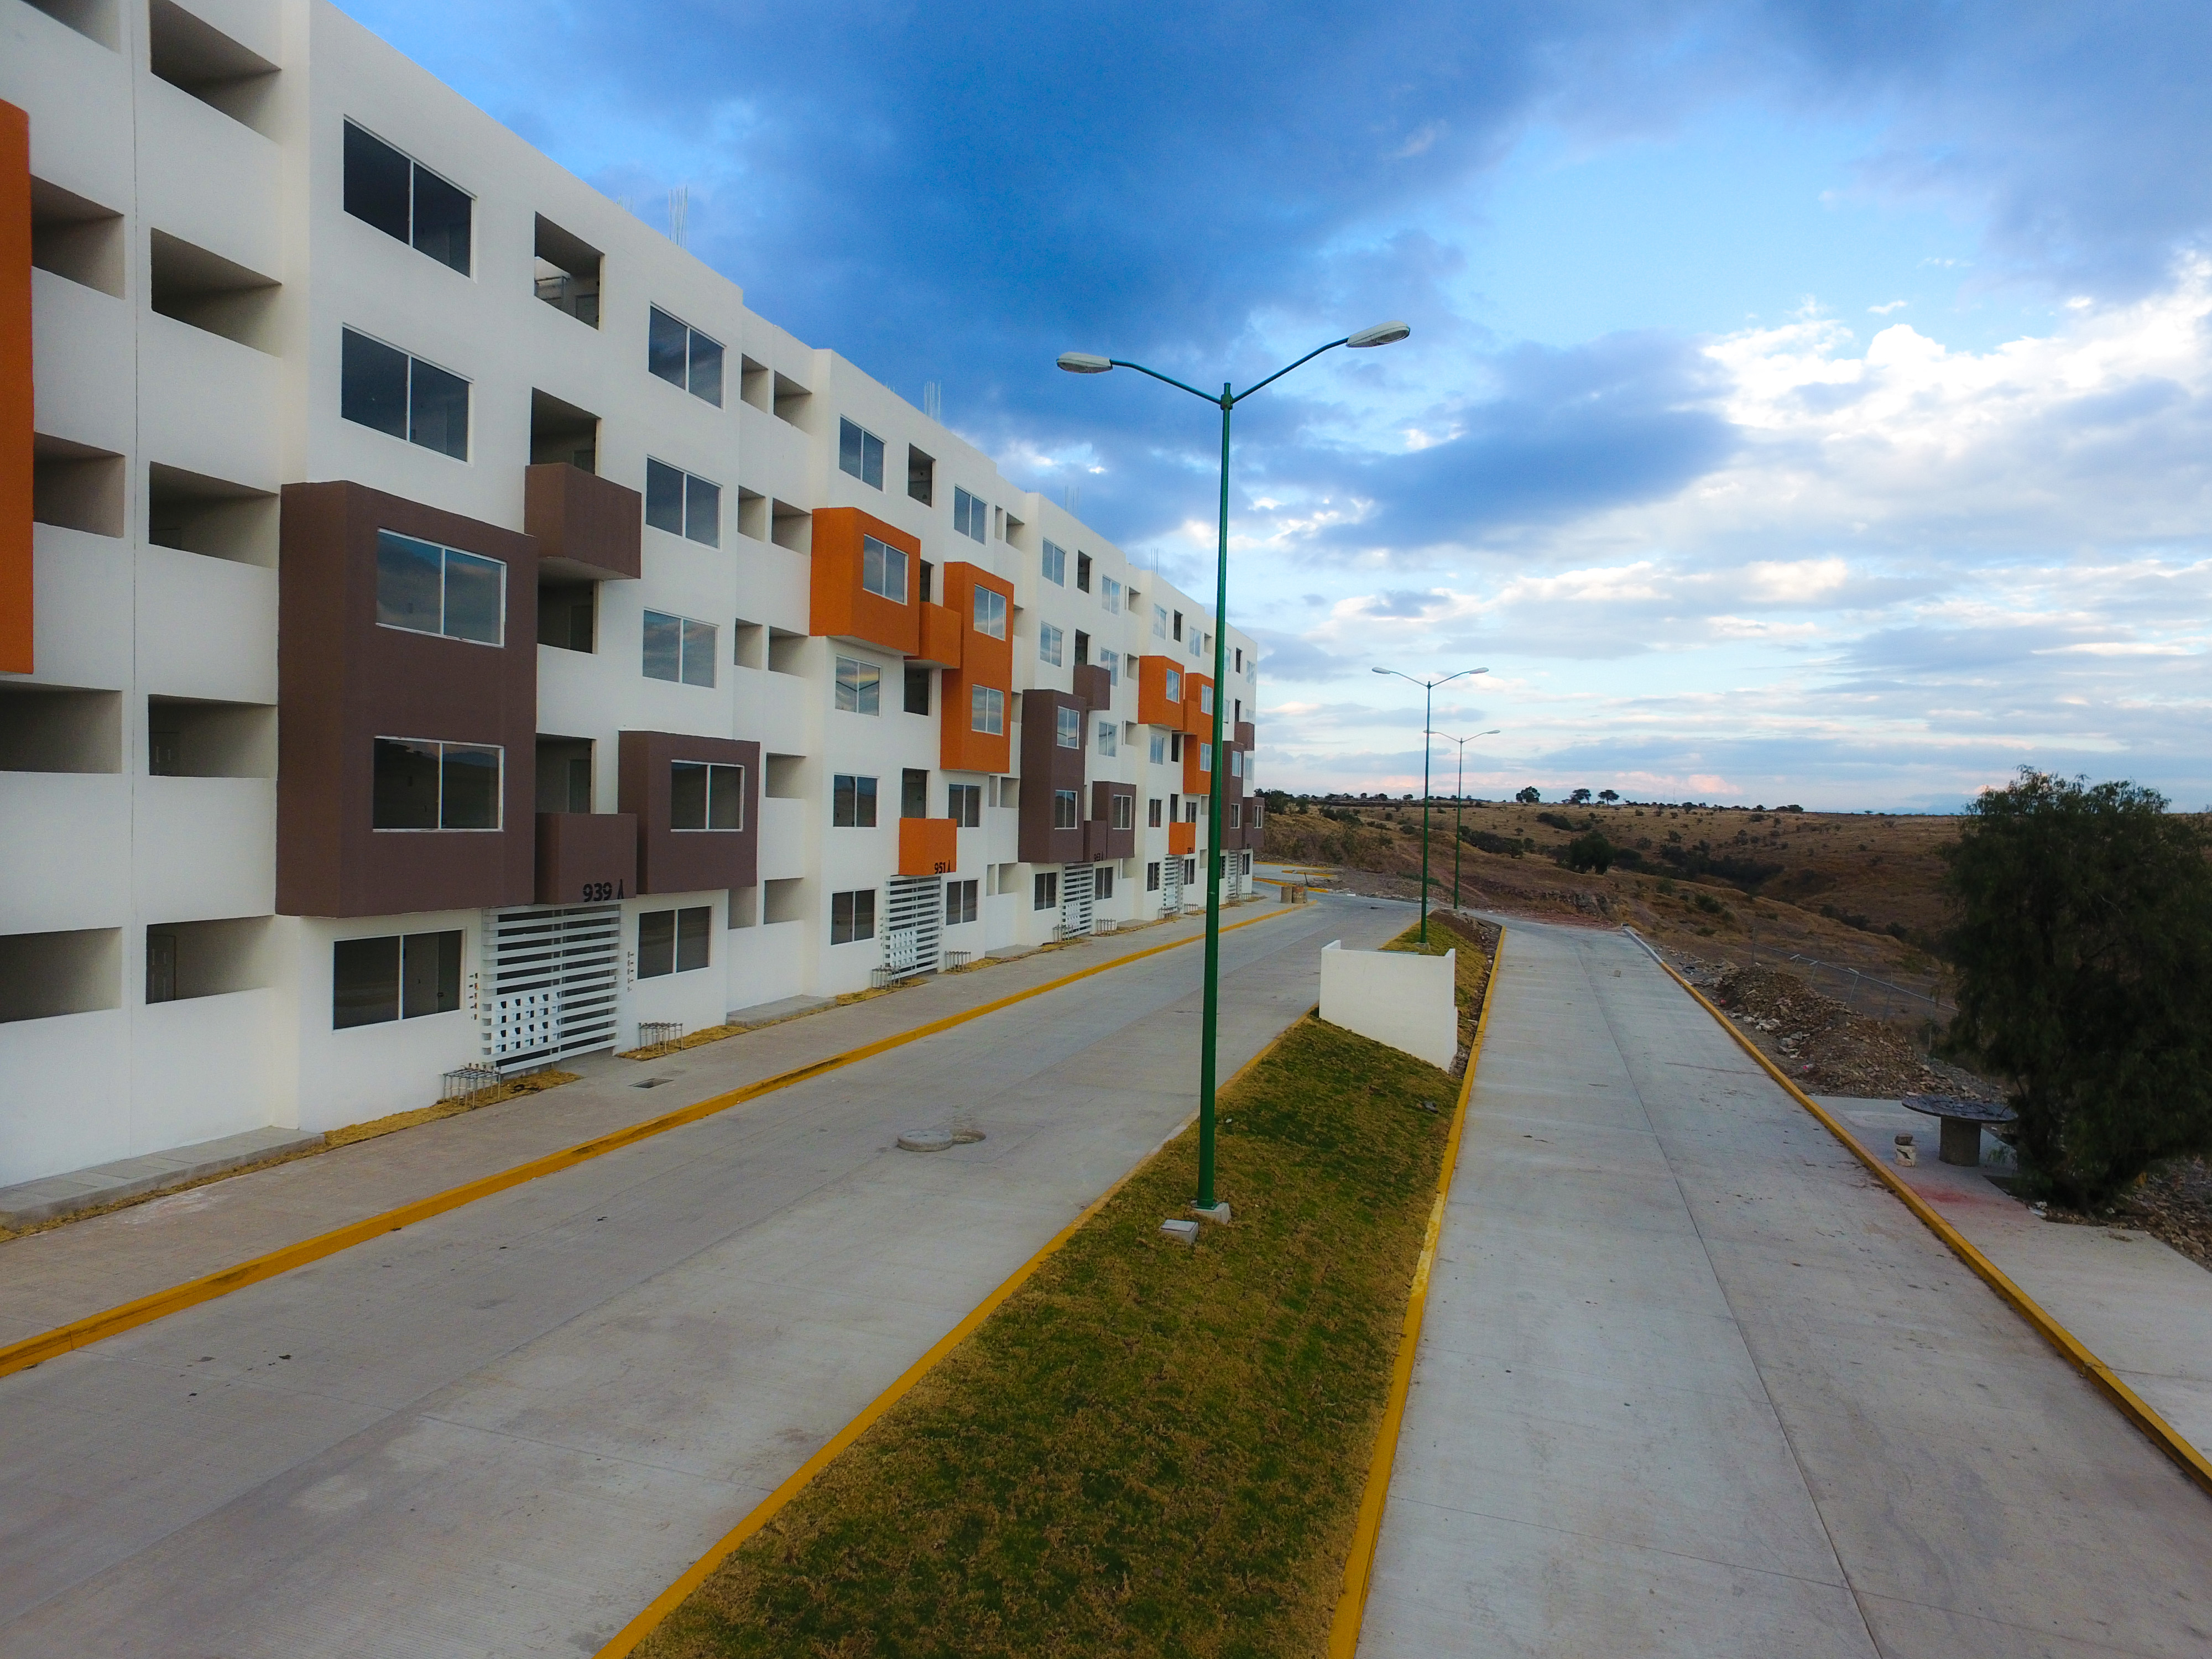 Modelo Terra- Villas Oriente- Hogares Herso